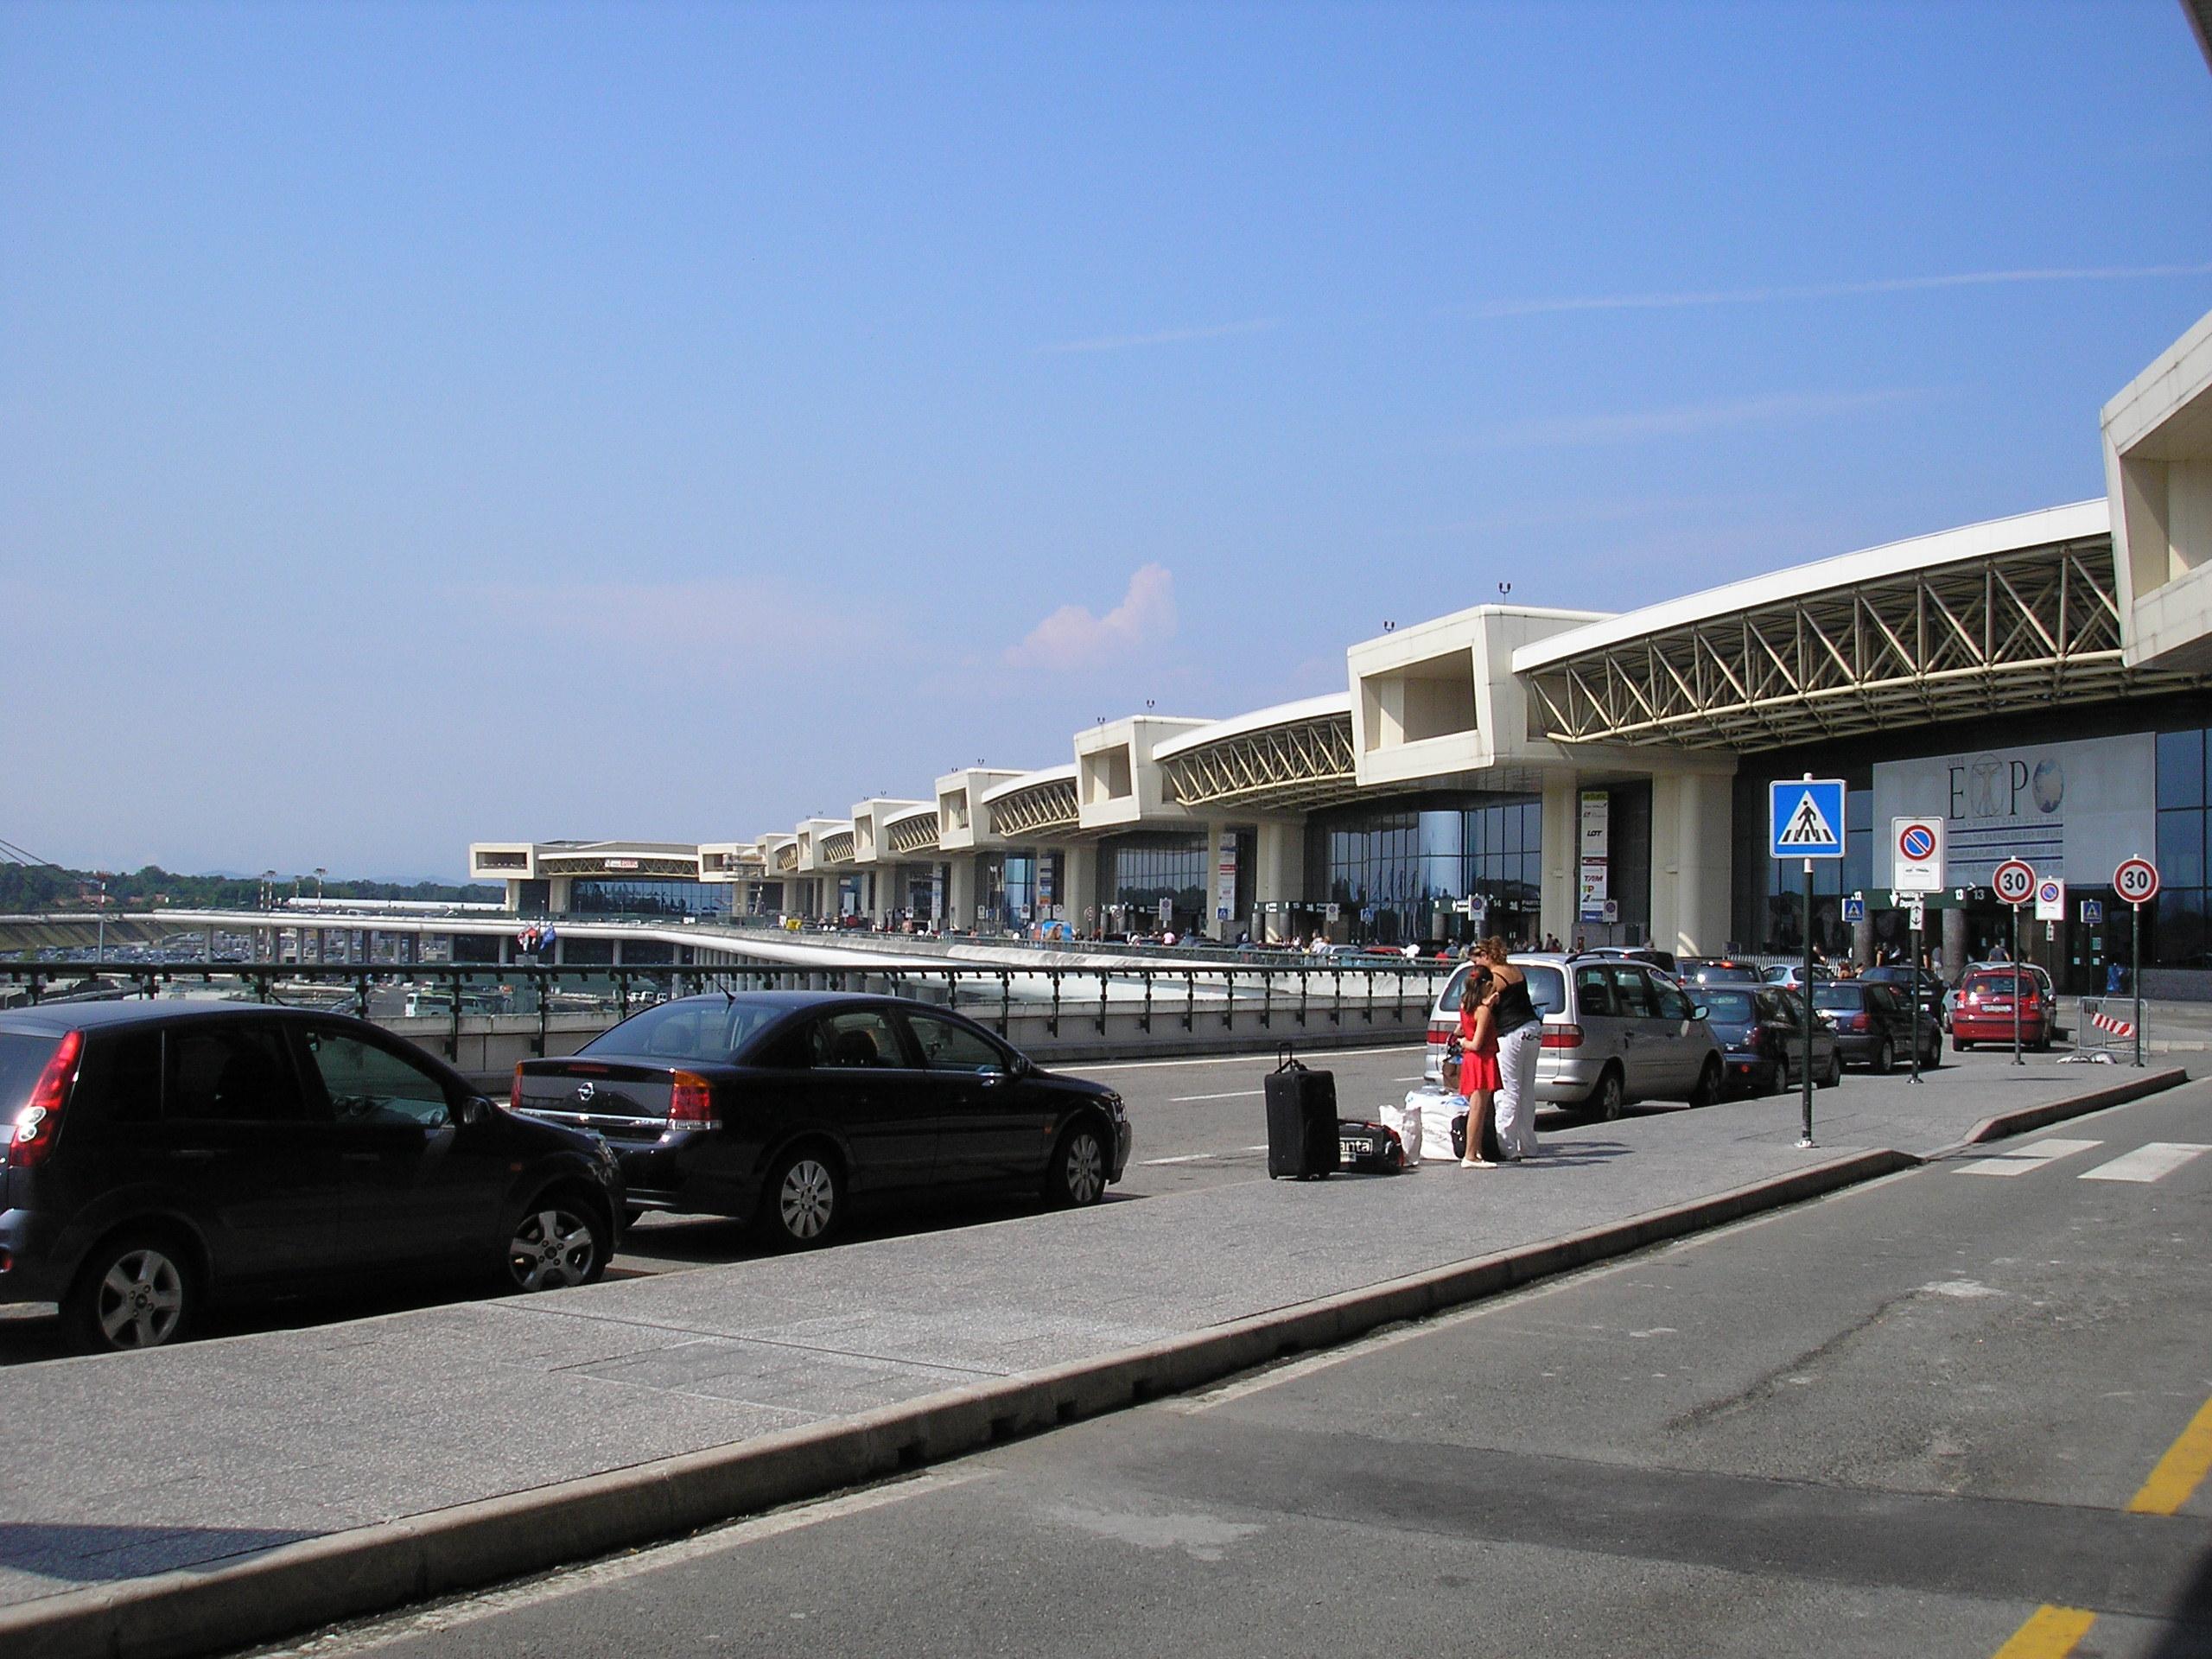 Parcheggio Malpensa » Confronta i TOP 10 fornitori da 2,67 ...